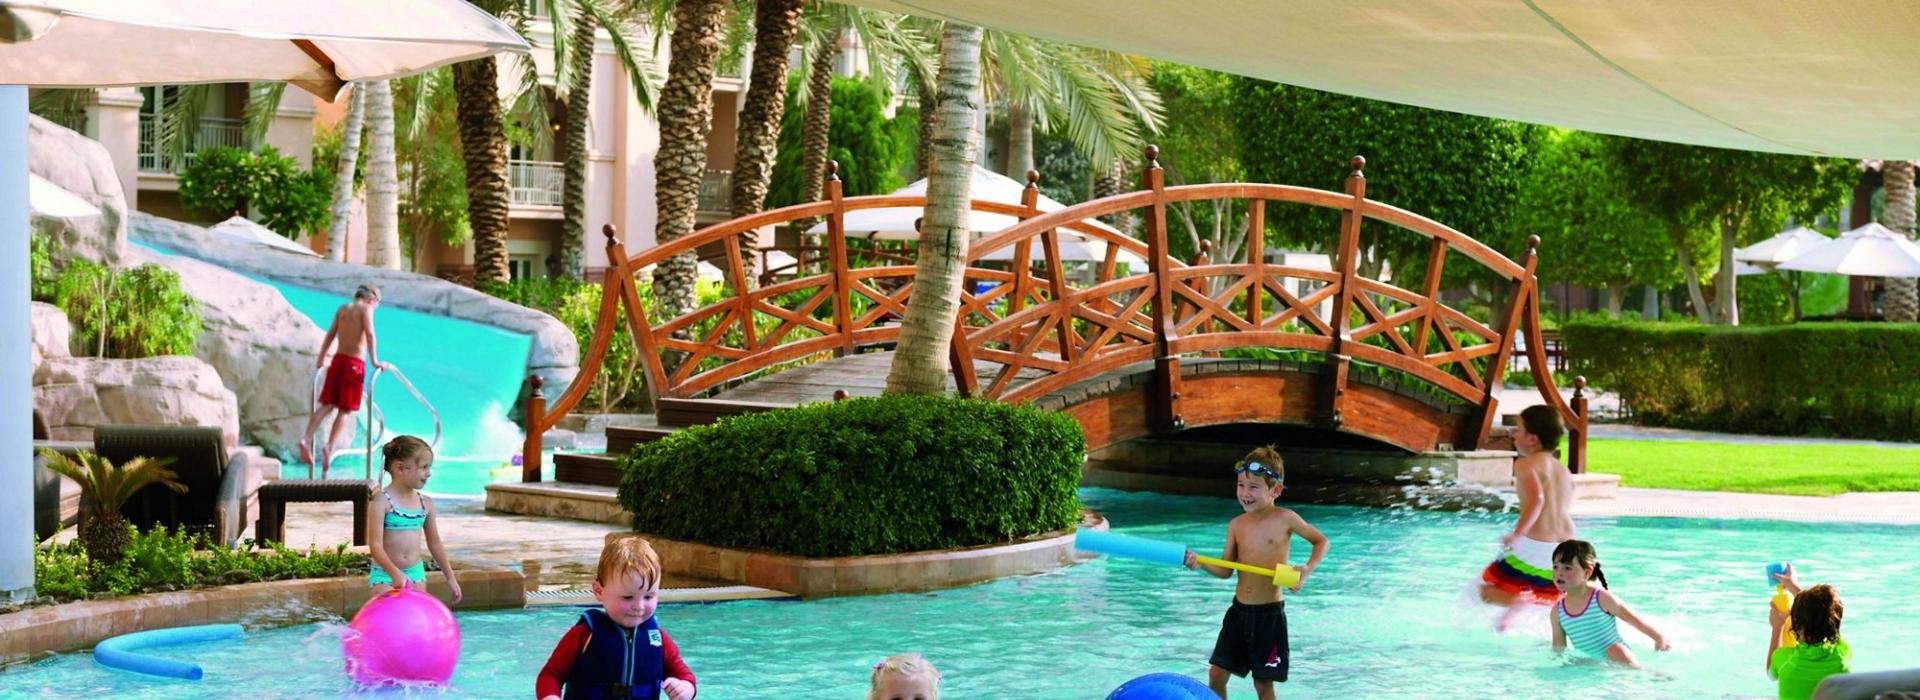 Ritz-Carlton Dubai 5* Deluxe